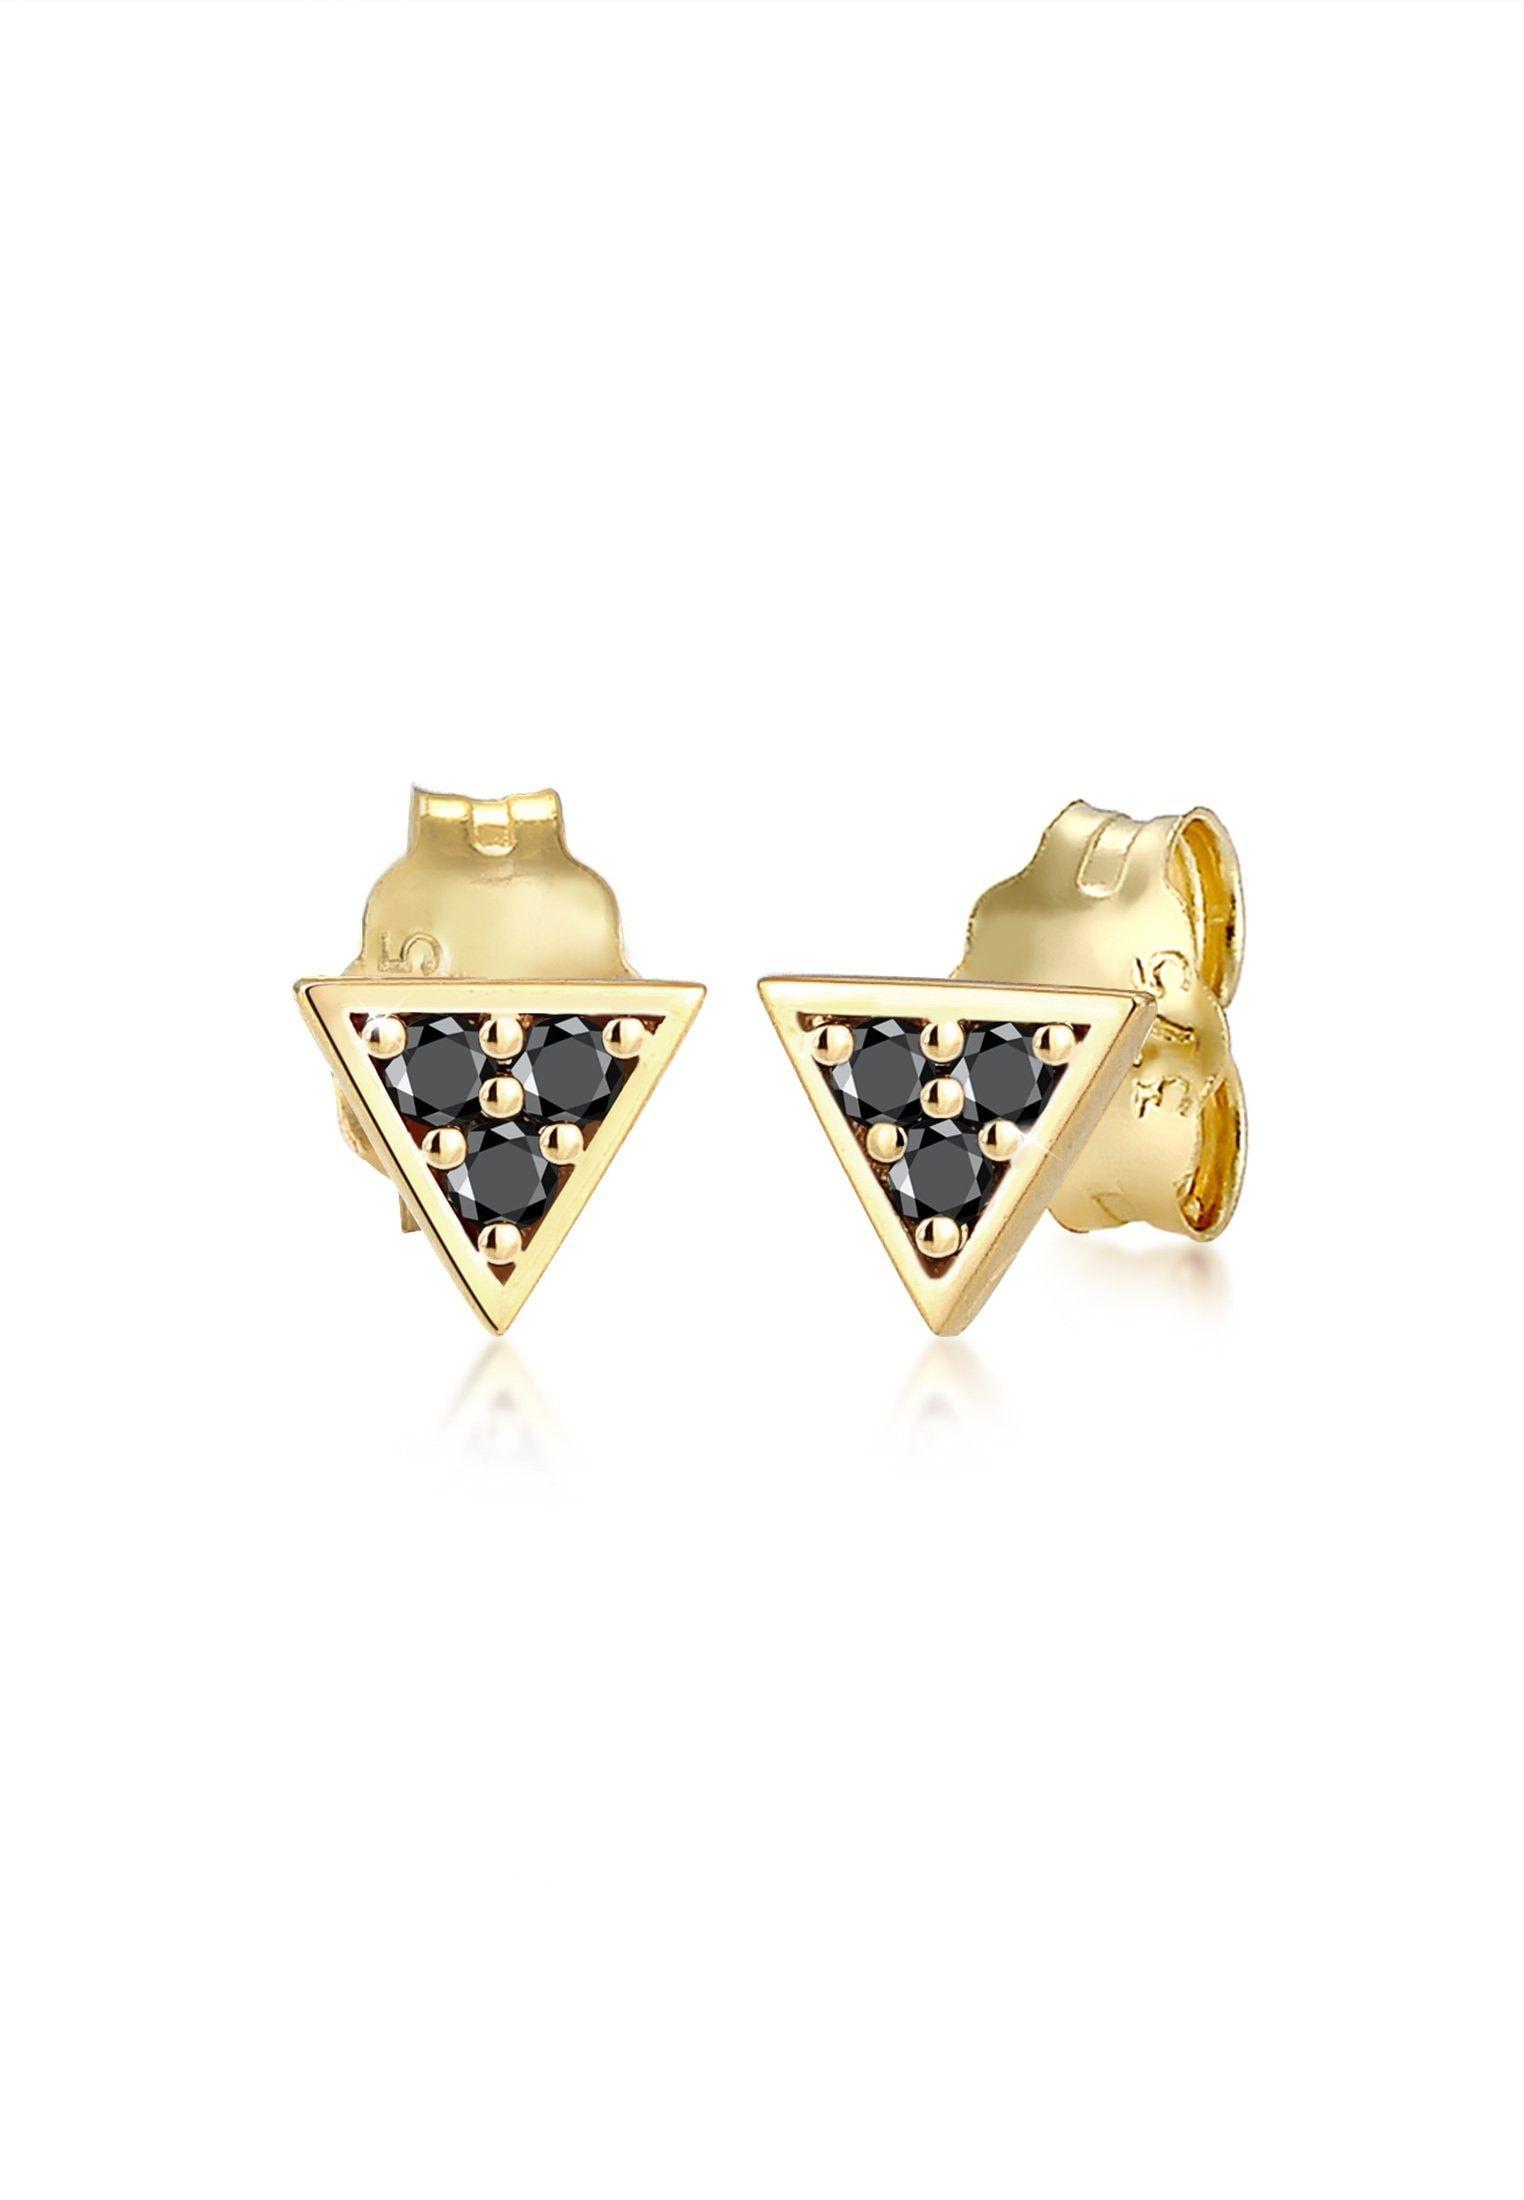 Elli Paar Ohrstecker Dreieck Geo Black Diamant (012 ct) 375er Gelbgold | Schmuck > Ohrschmuck & Ohrringe | Elli